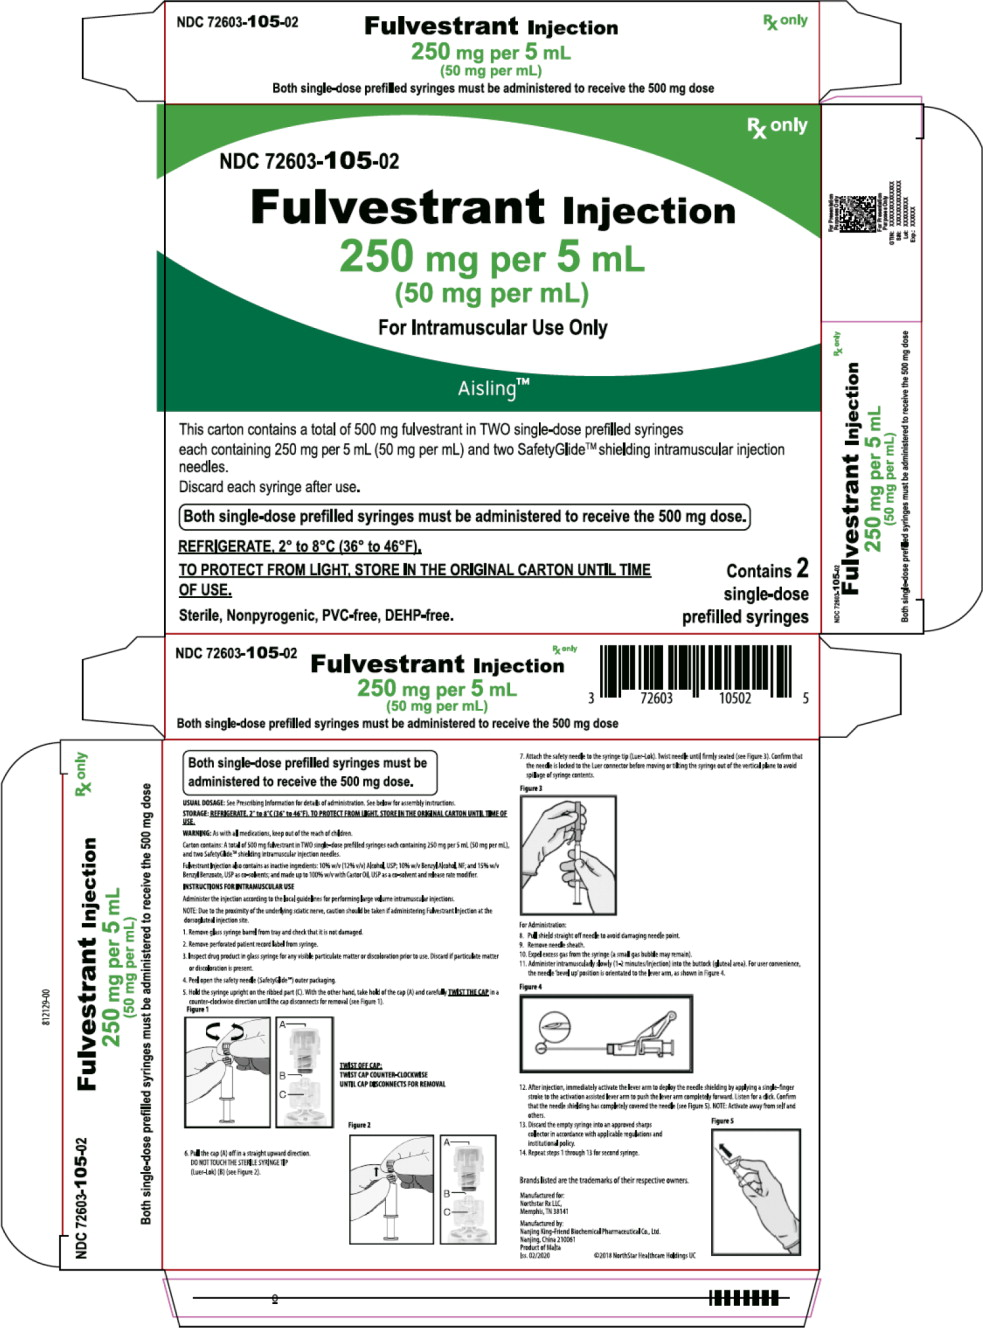 Principal Display Panel – Fulvestrant Injection, 250 mg per 5 mL (50 mg per mL) Carton